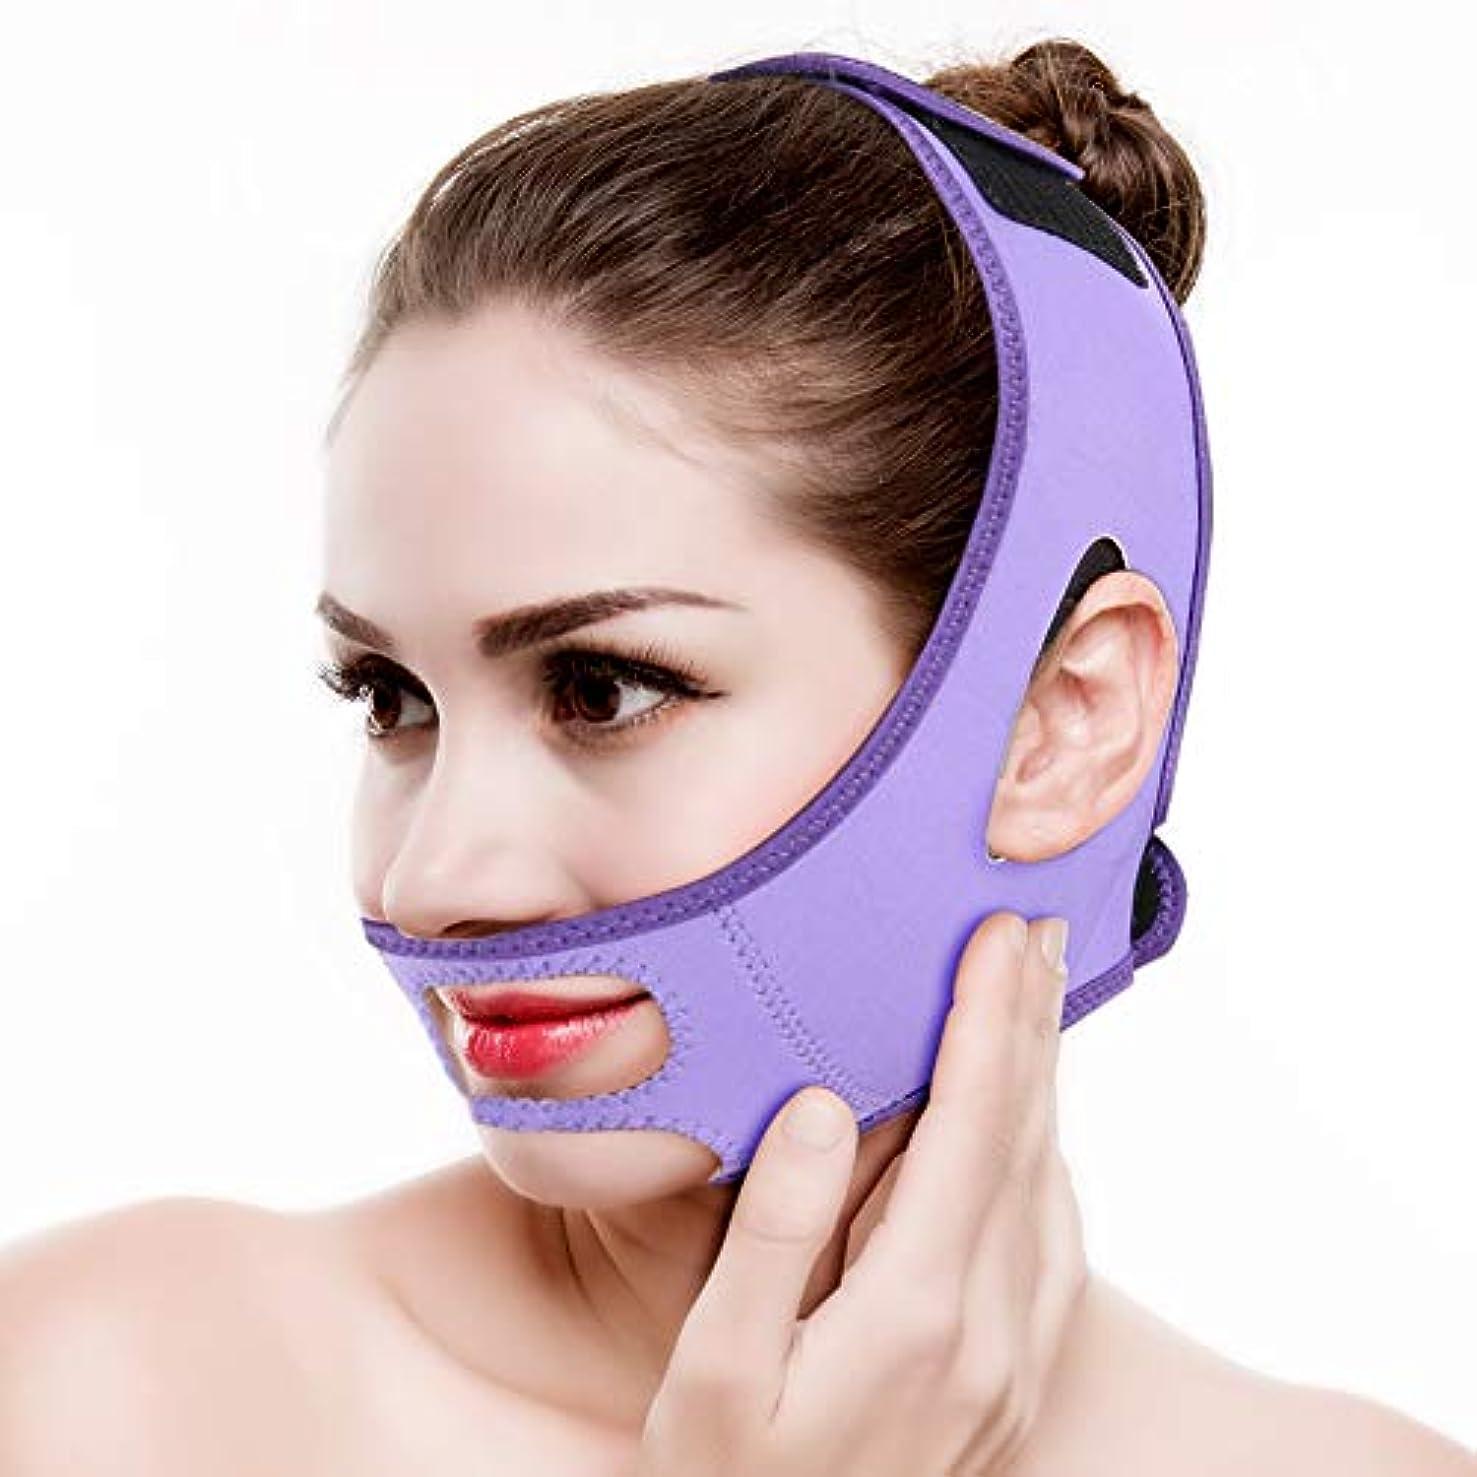 欲しいです染色溶融フェイスリフティングベルト,顔の痩身包帯フェイシャルスリミング包帯ベルトマスクフェイスリフトダブルチンスキンストラップフェイススリミング包帯小 顔 美顔 矯正、顎リフト フェイススリミングマスク (Purple)